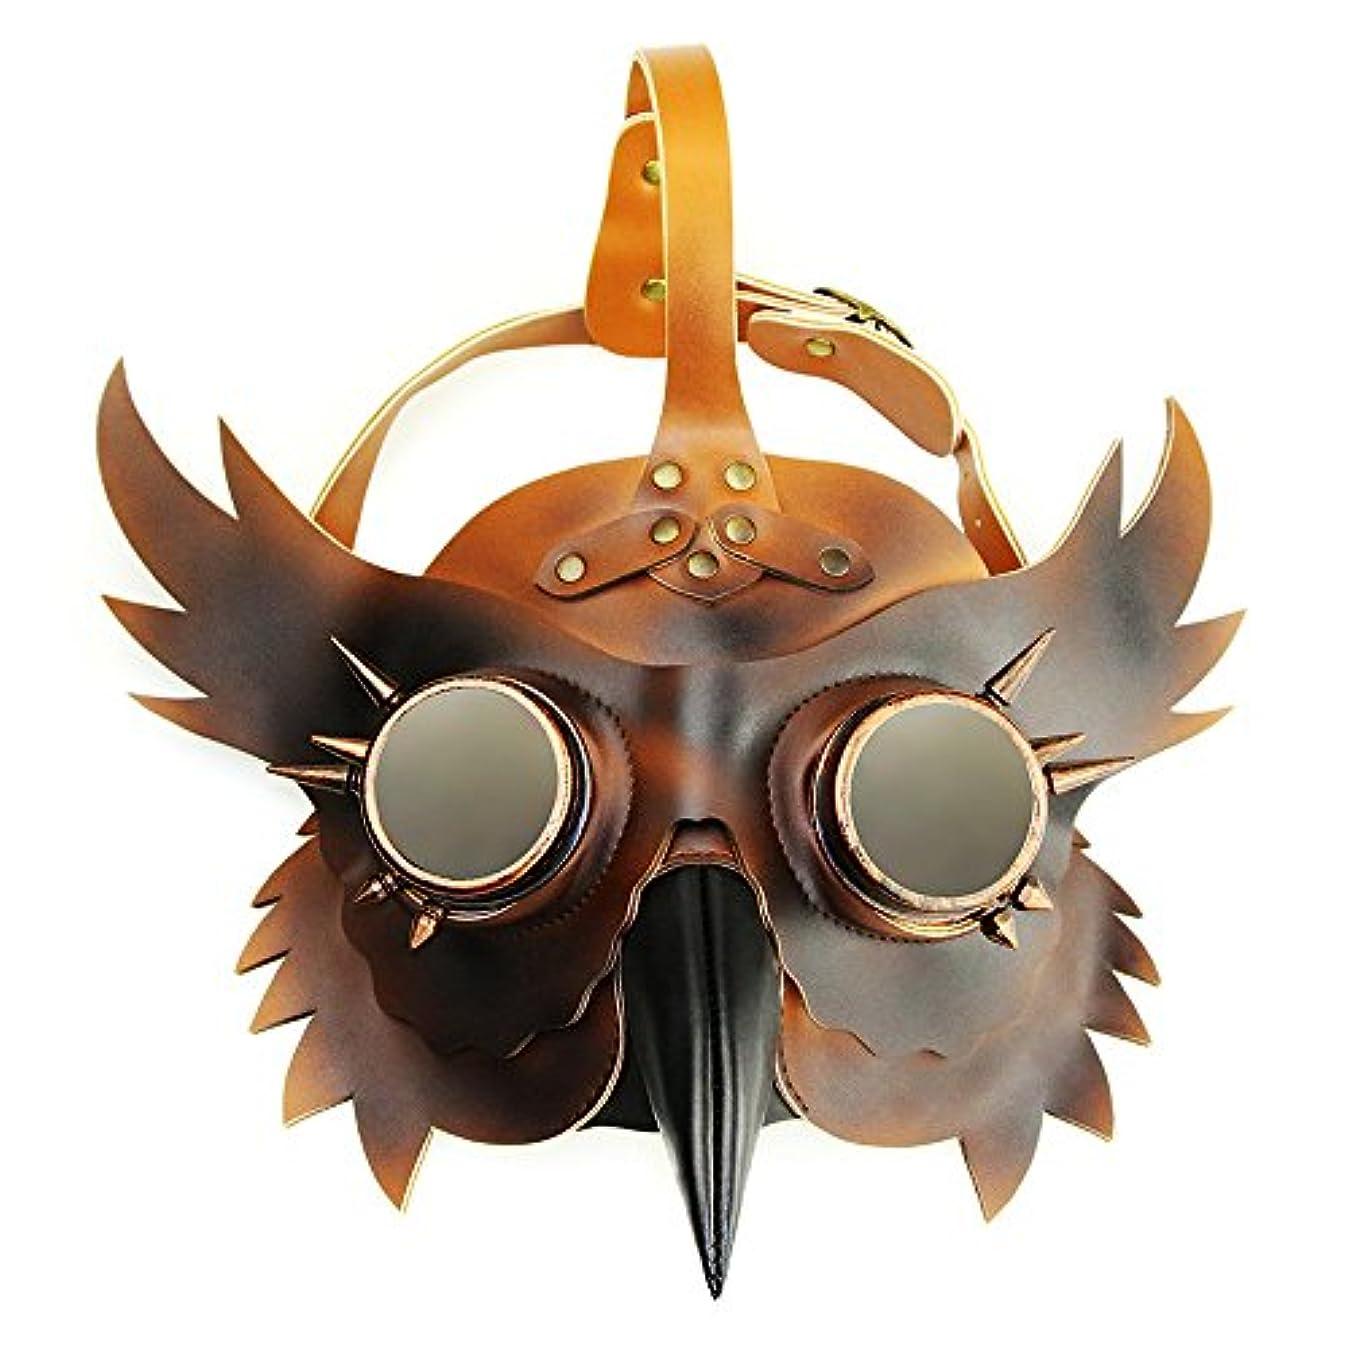 メトリック国内の請求書くちばしマスクハロウィン小道具ギフト仮面舞踏会マスク